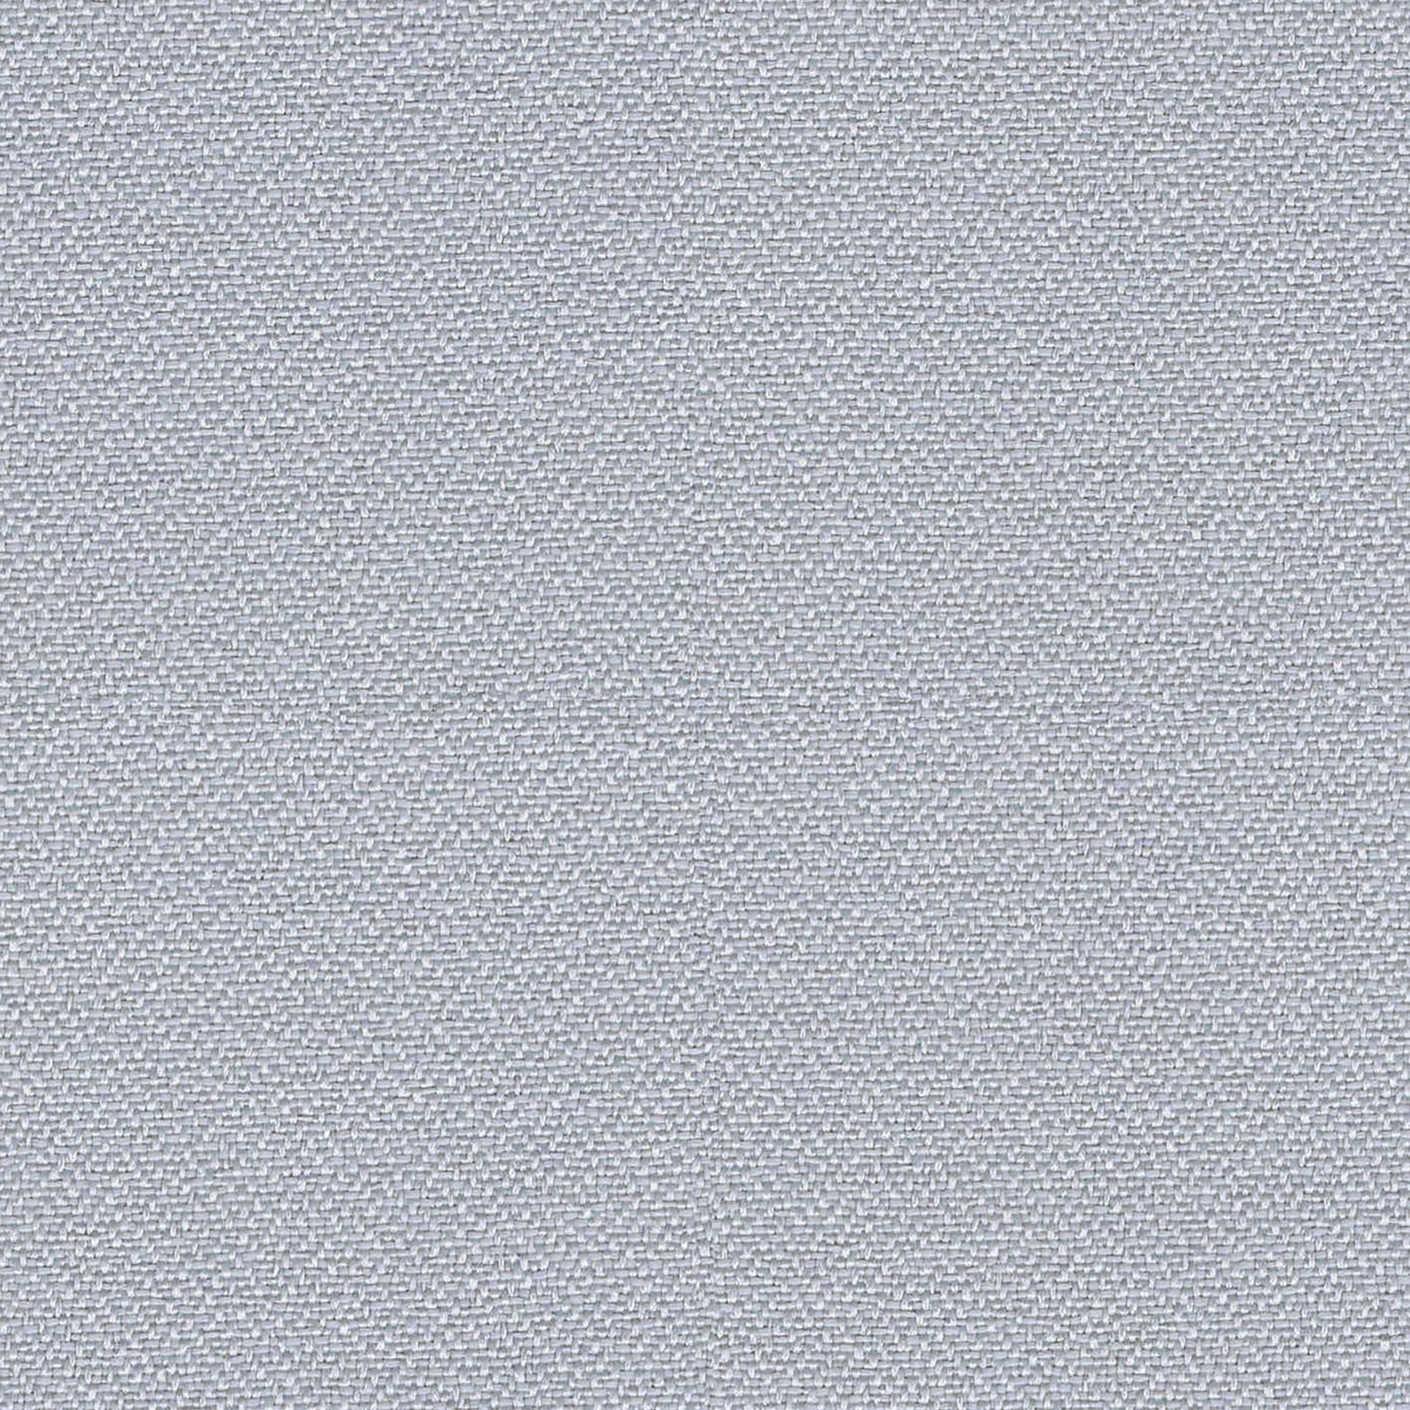 Afbeeldingsresultaat voor camira lucia slip